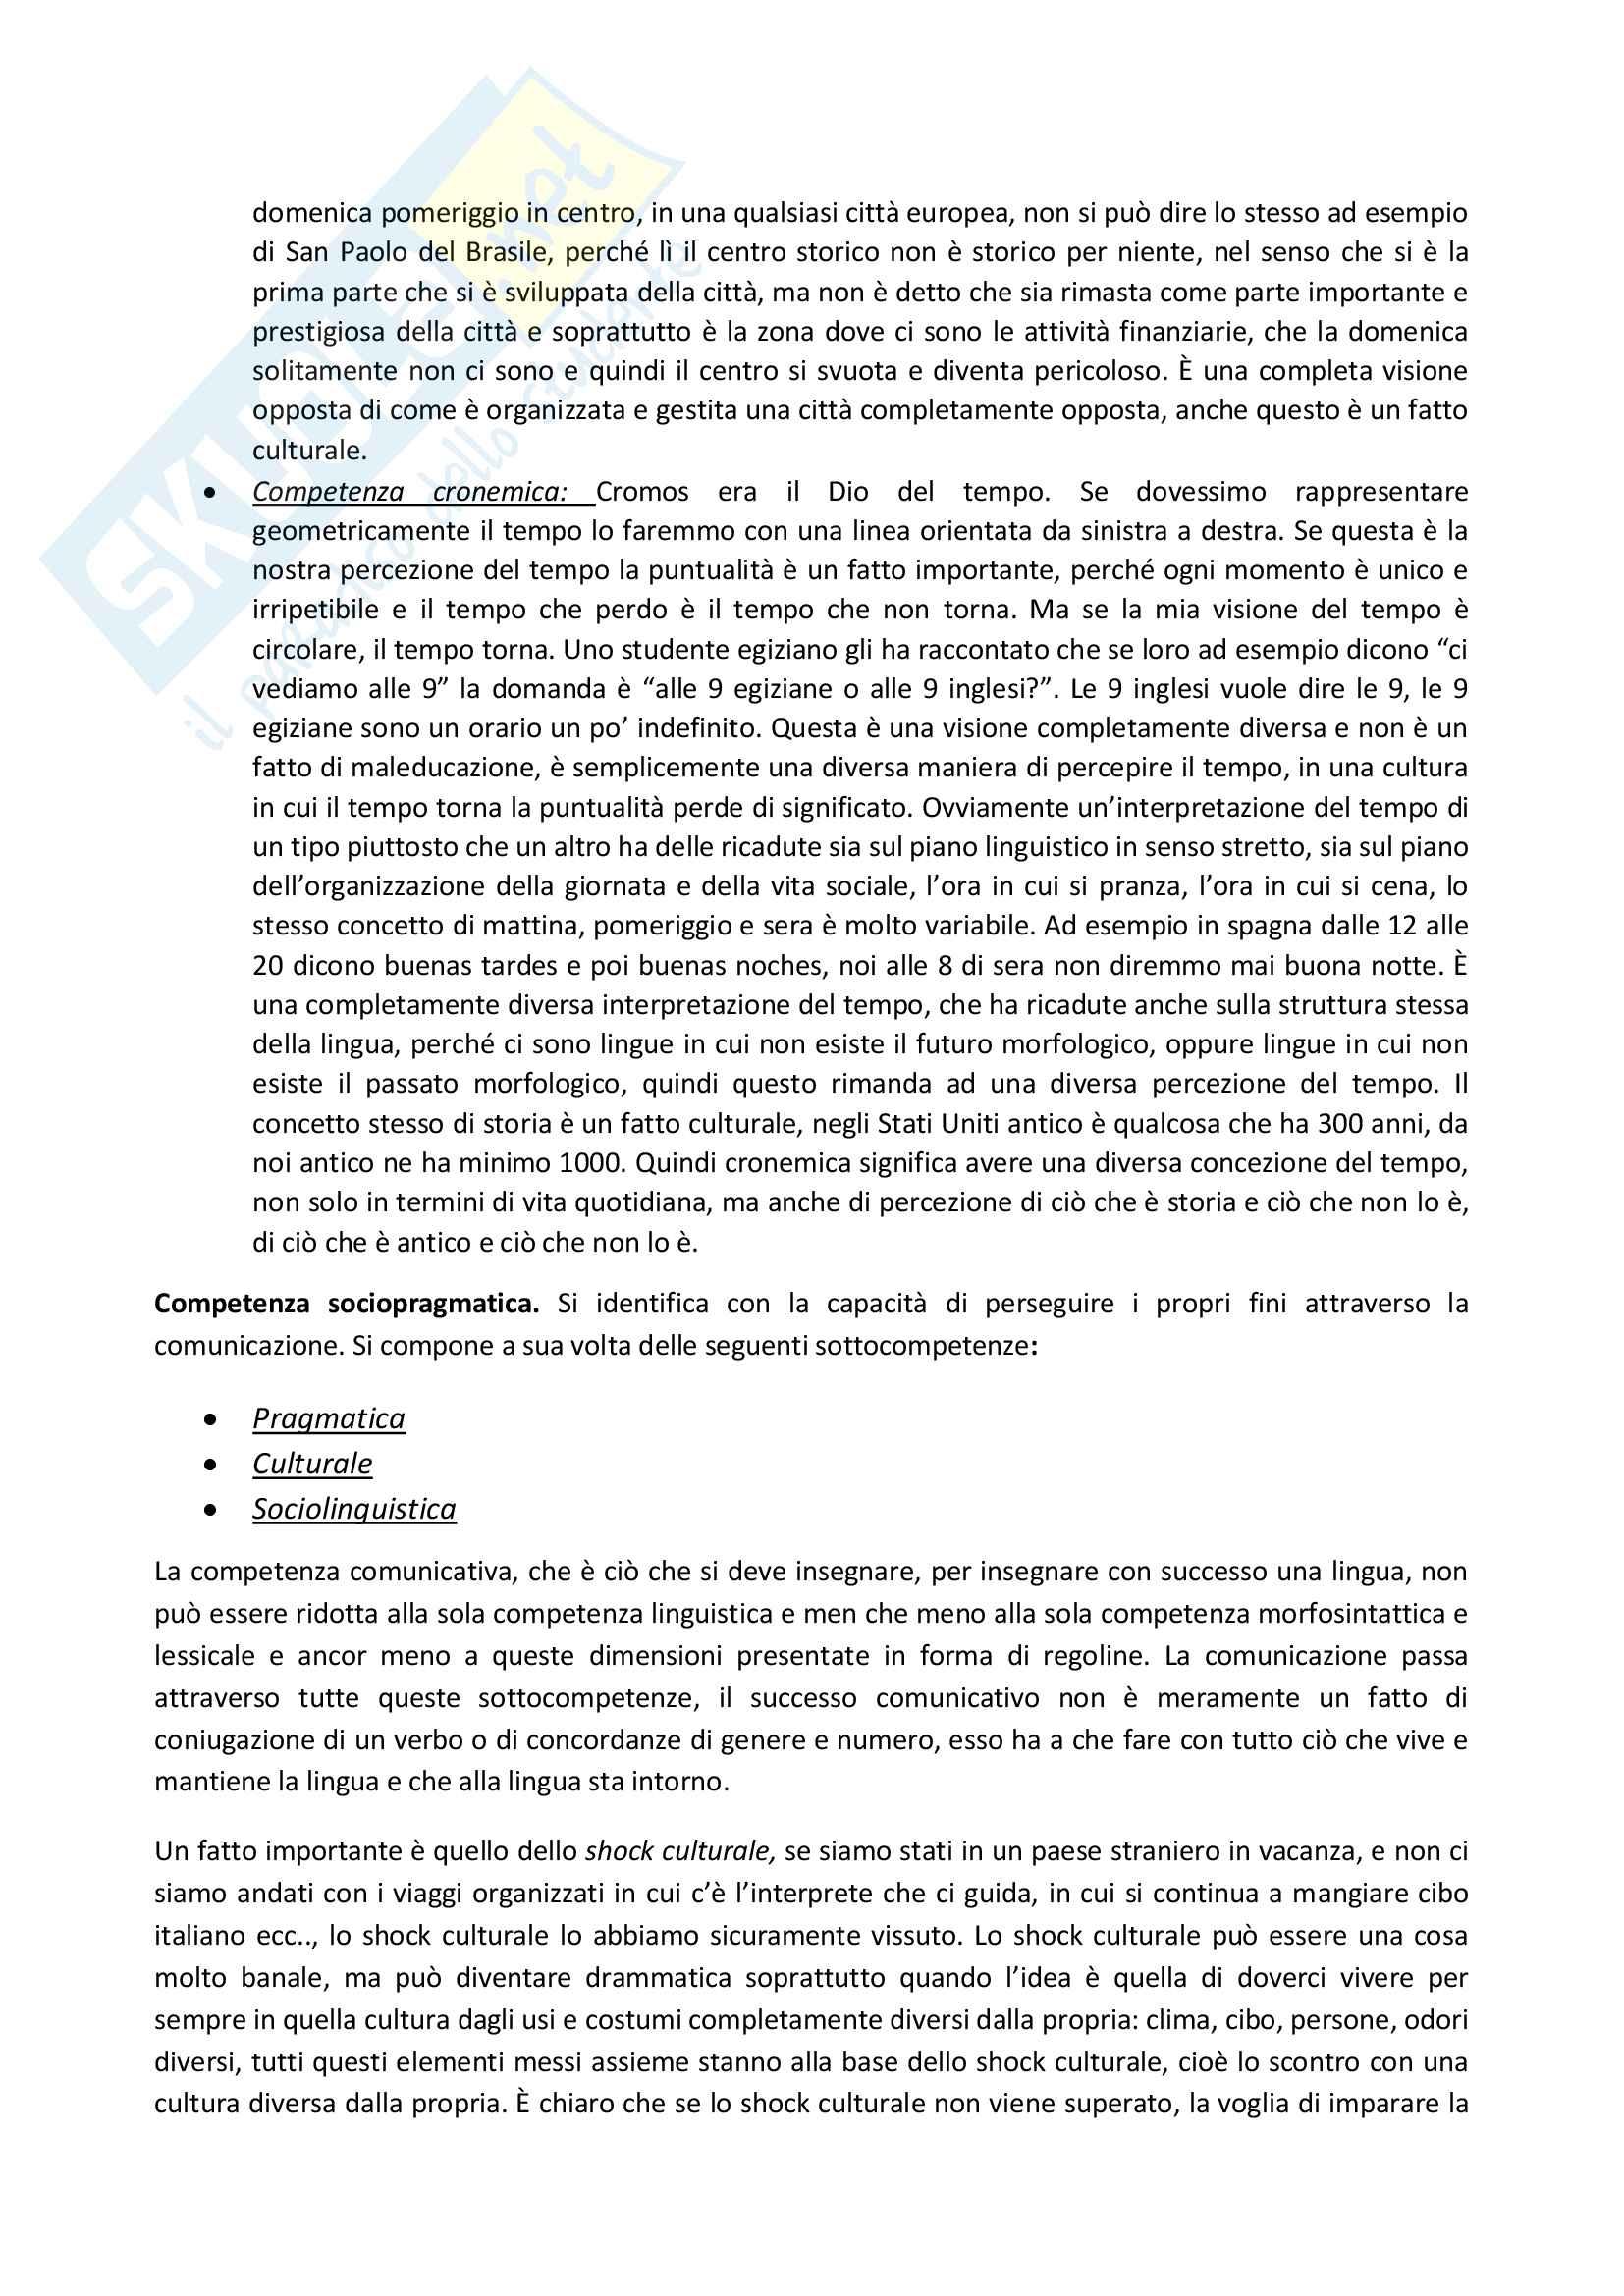 Appunti delle lezioni di Didattica dell'italiano L2 prof Santipolo Pag. 26